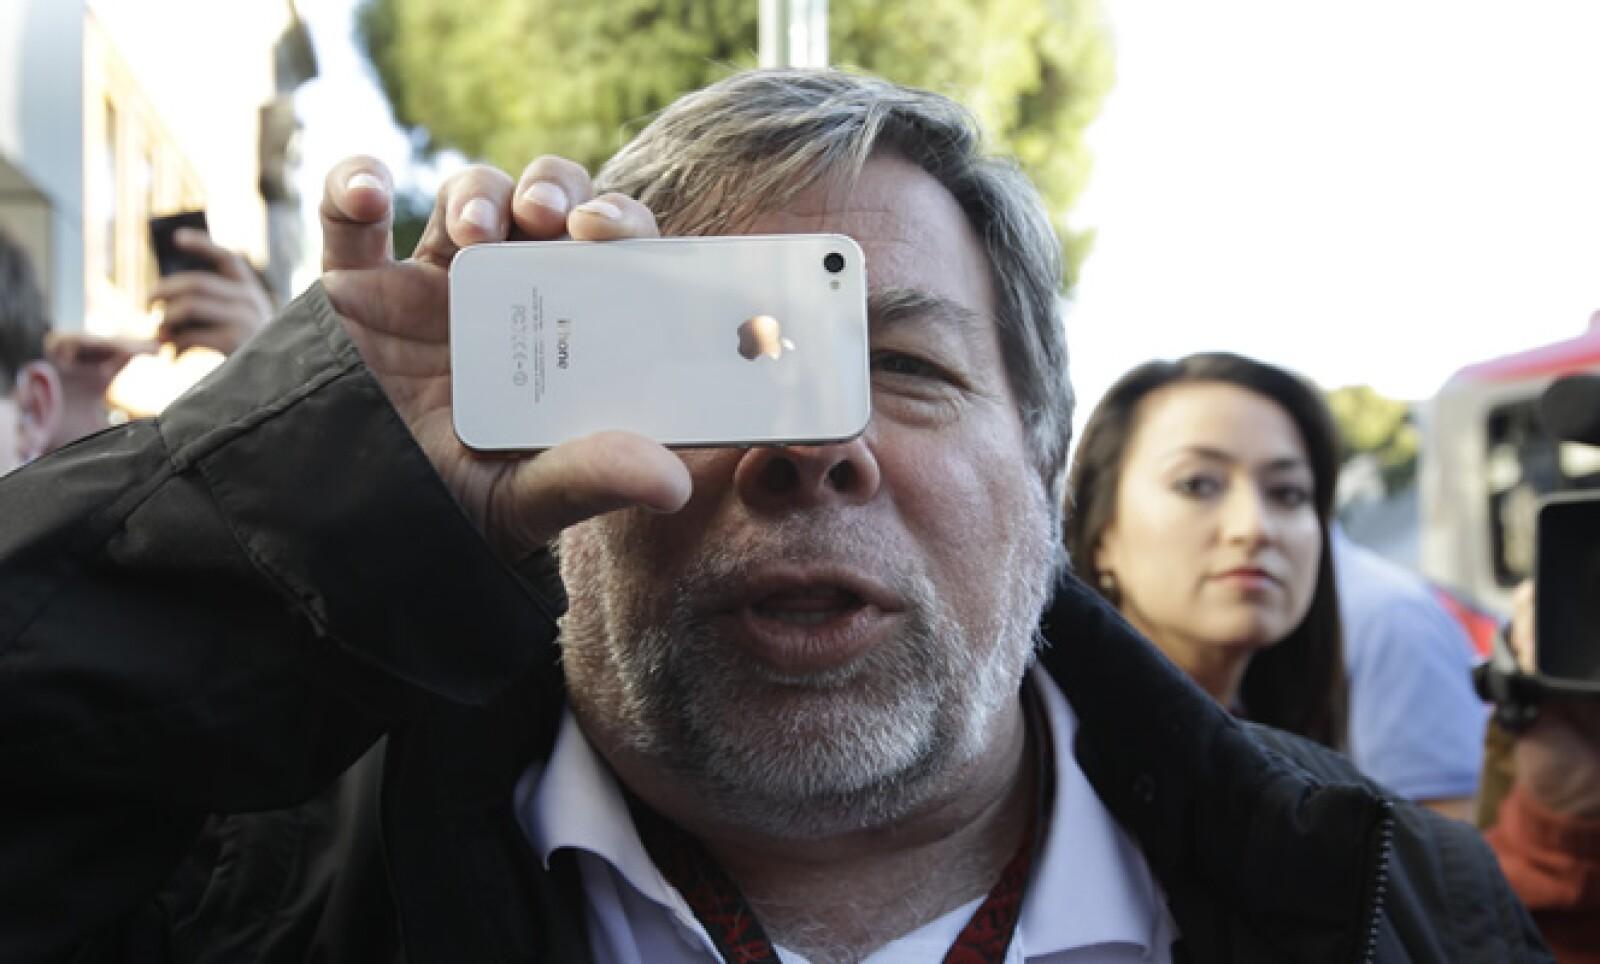 Steve Wozniak, co fundador de Apple, fue uno de los primeros que adquirió la última y actual versión del teléfono.